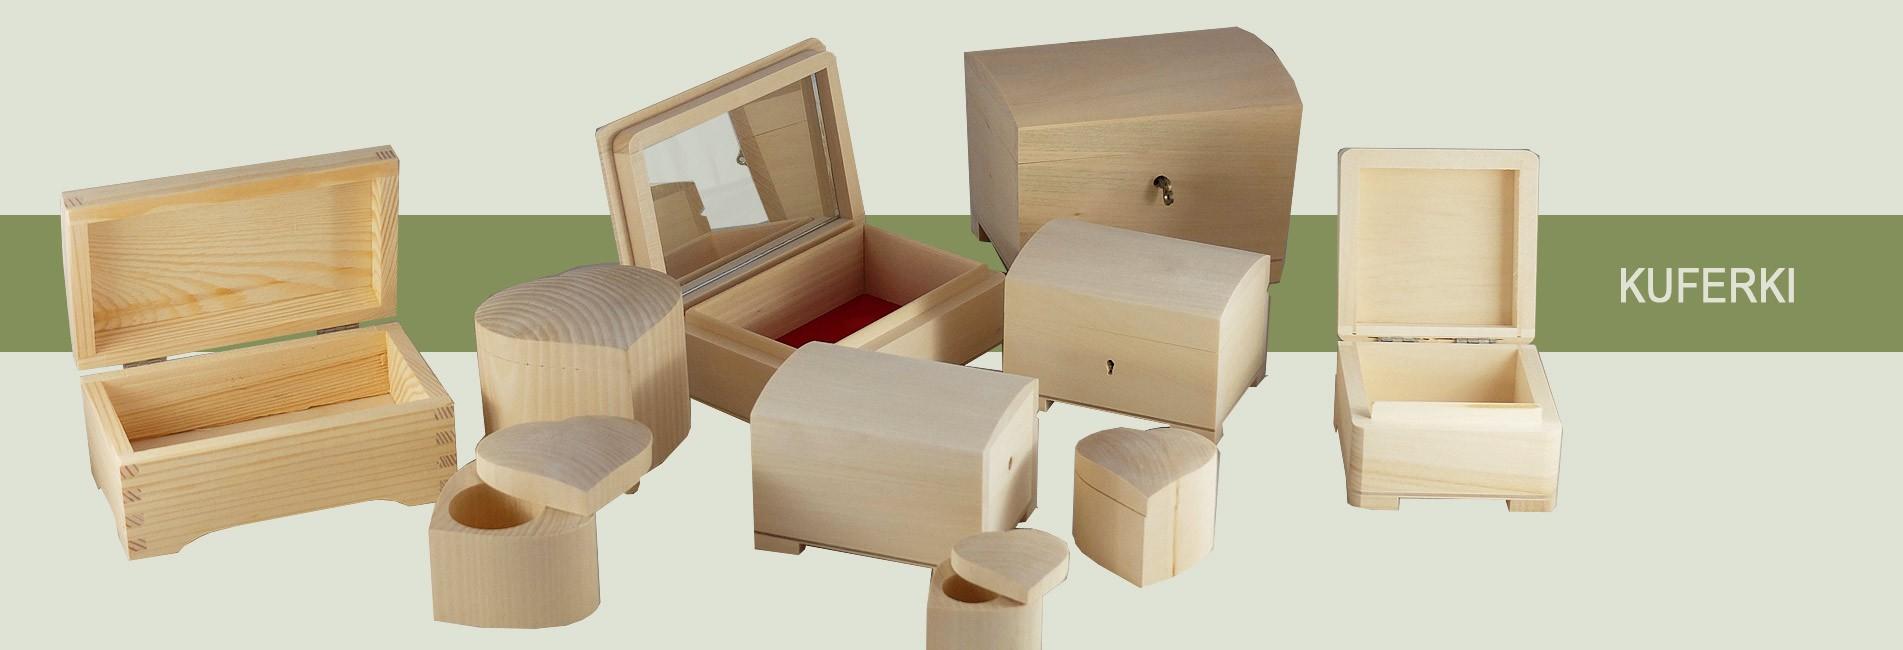 Kuferki z drewna